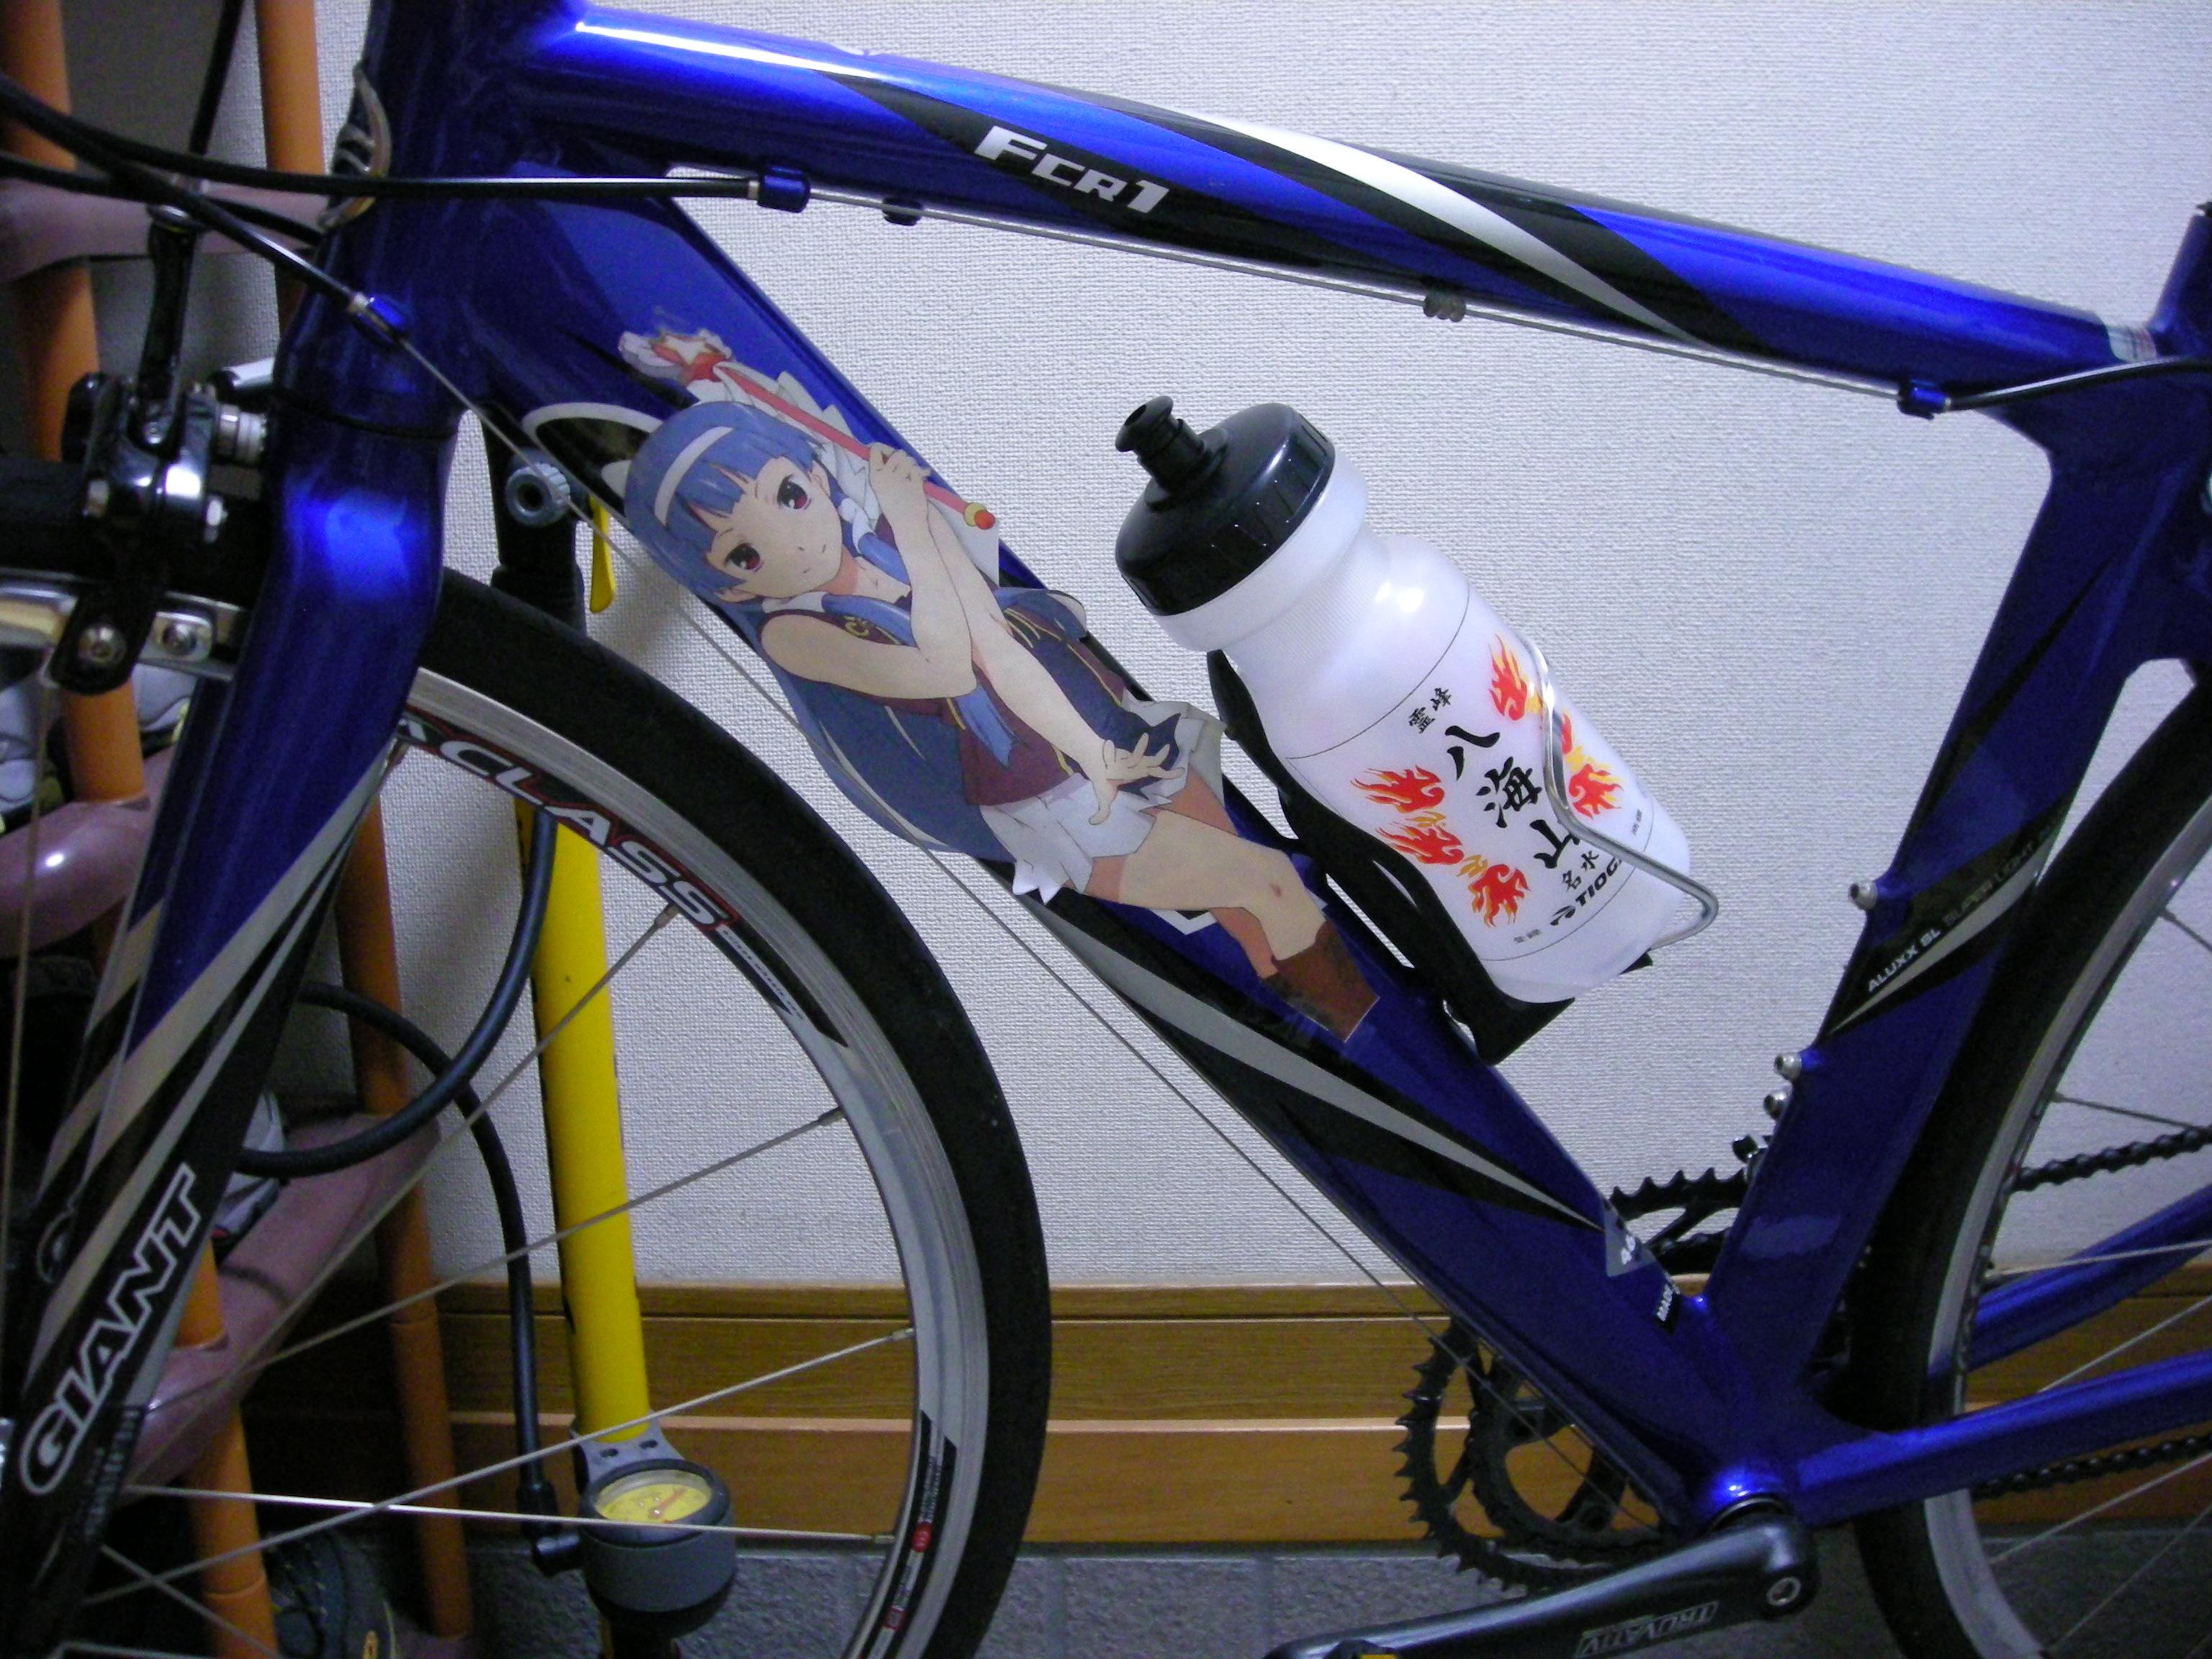 お前ら自転車以外の趣味を教えろ! [無断転載禁止]©2ch.netYouTube動画>96本 ->画像>779枚